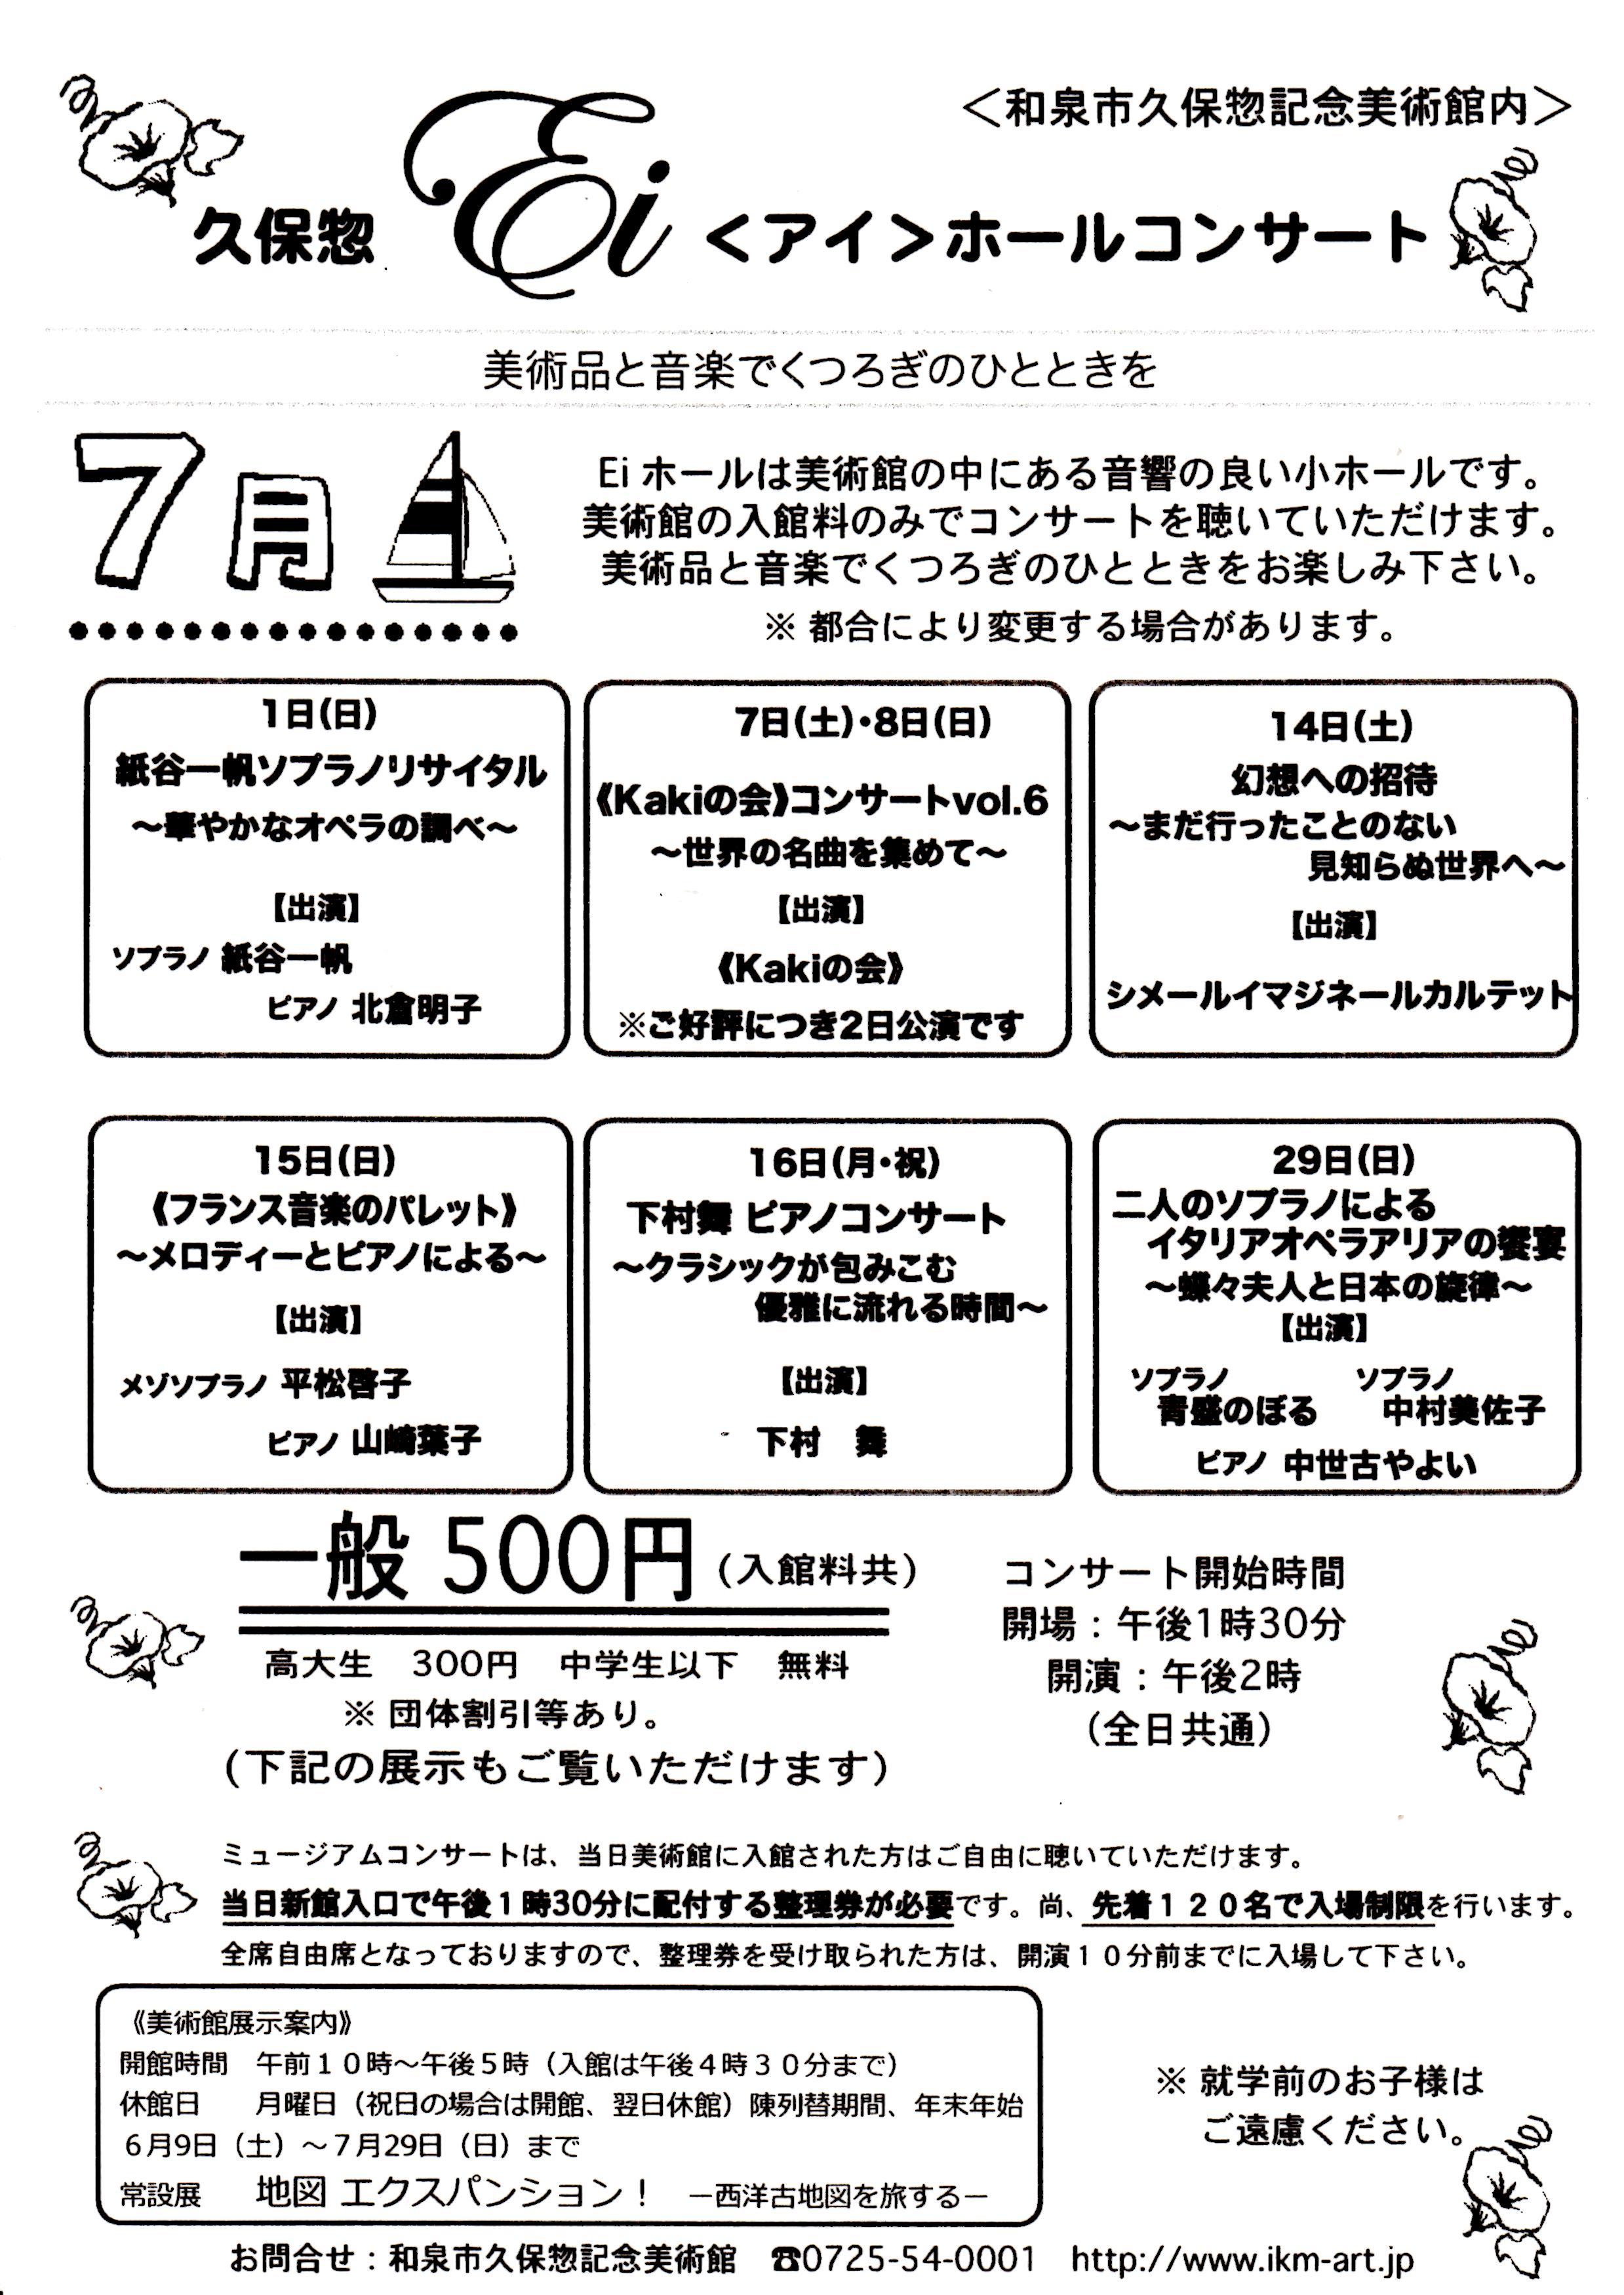 久保惣Ei<アイ>ホールコンサート